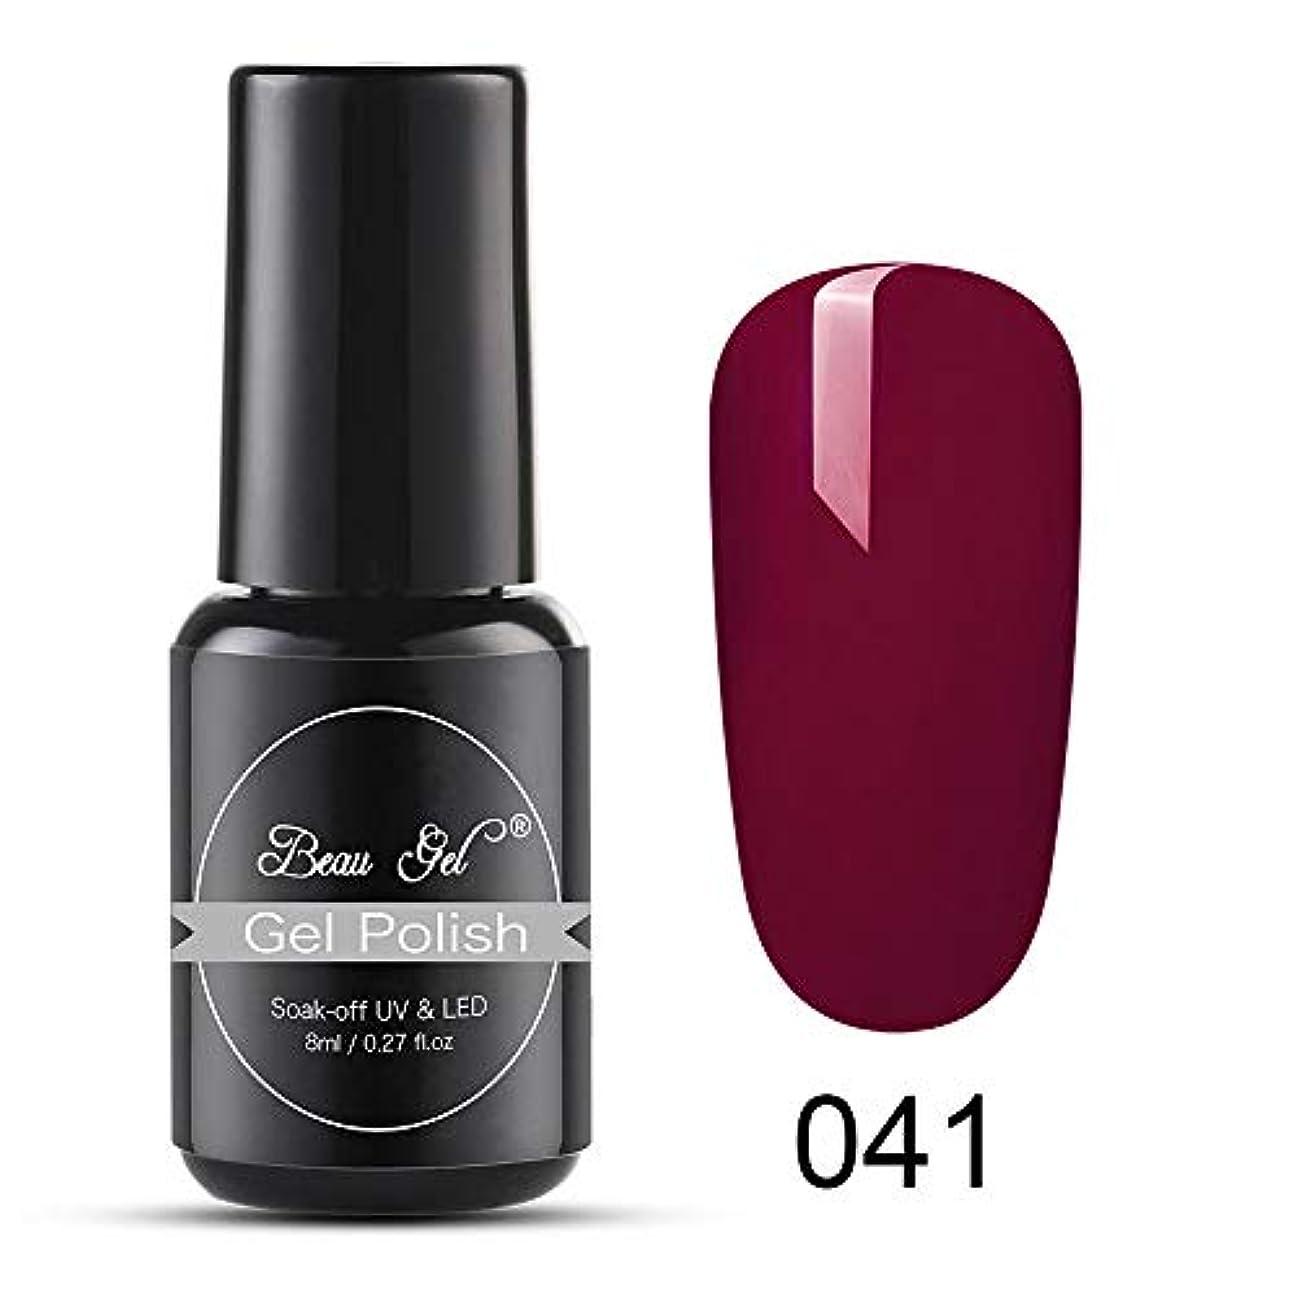 聴覚苦しむ単独でBeau gel ジェルネイル カラージェル 超長い蓋 塗りが便利 1色入り8ml-30041